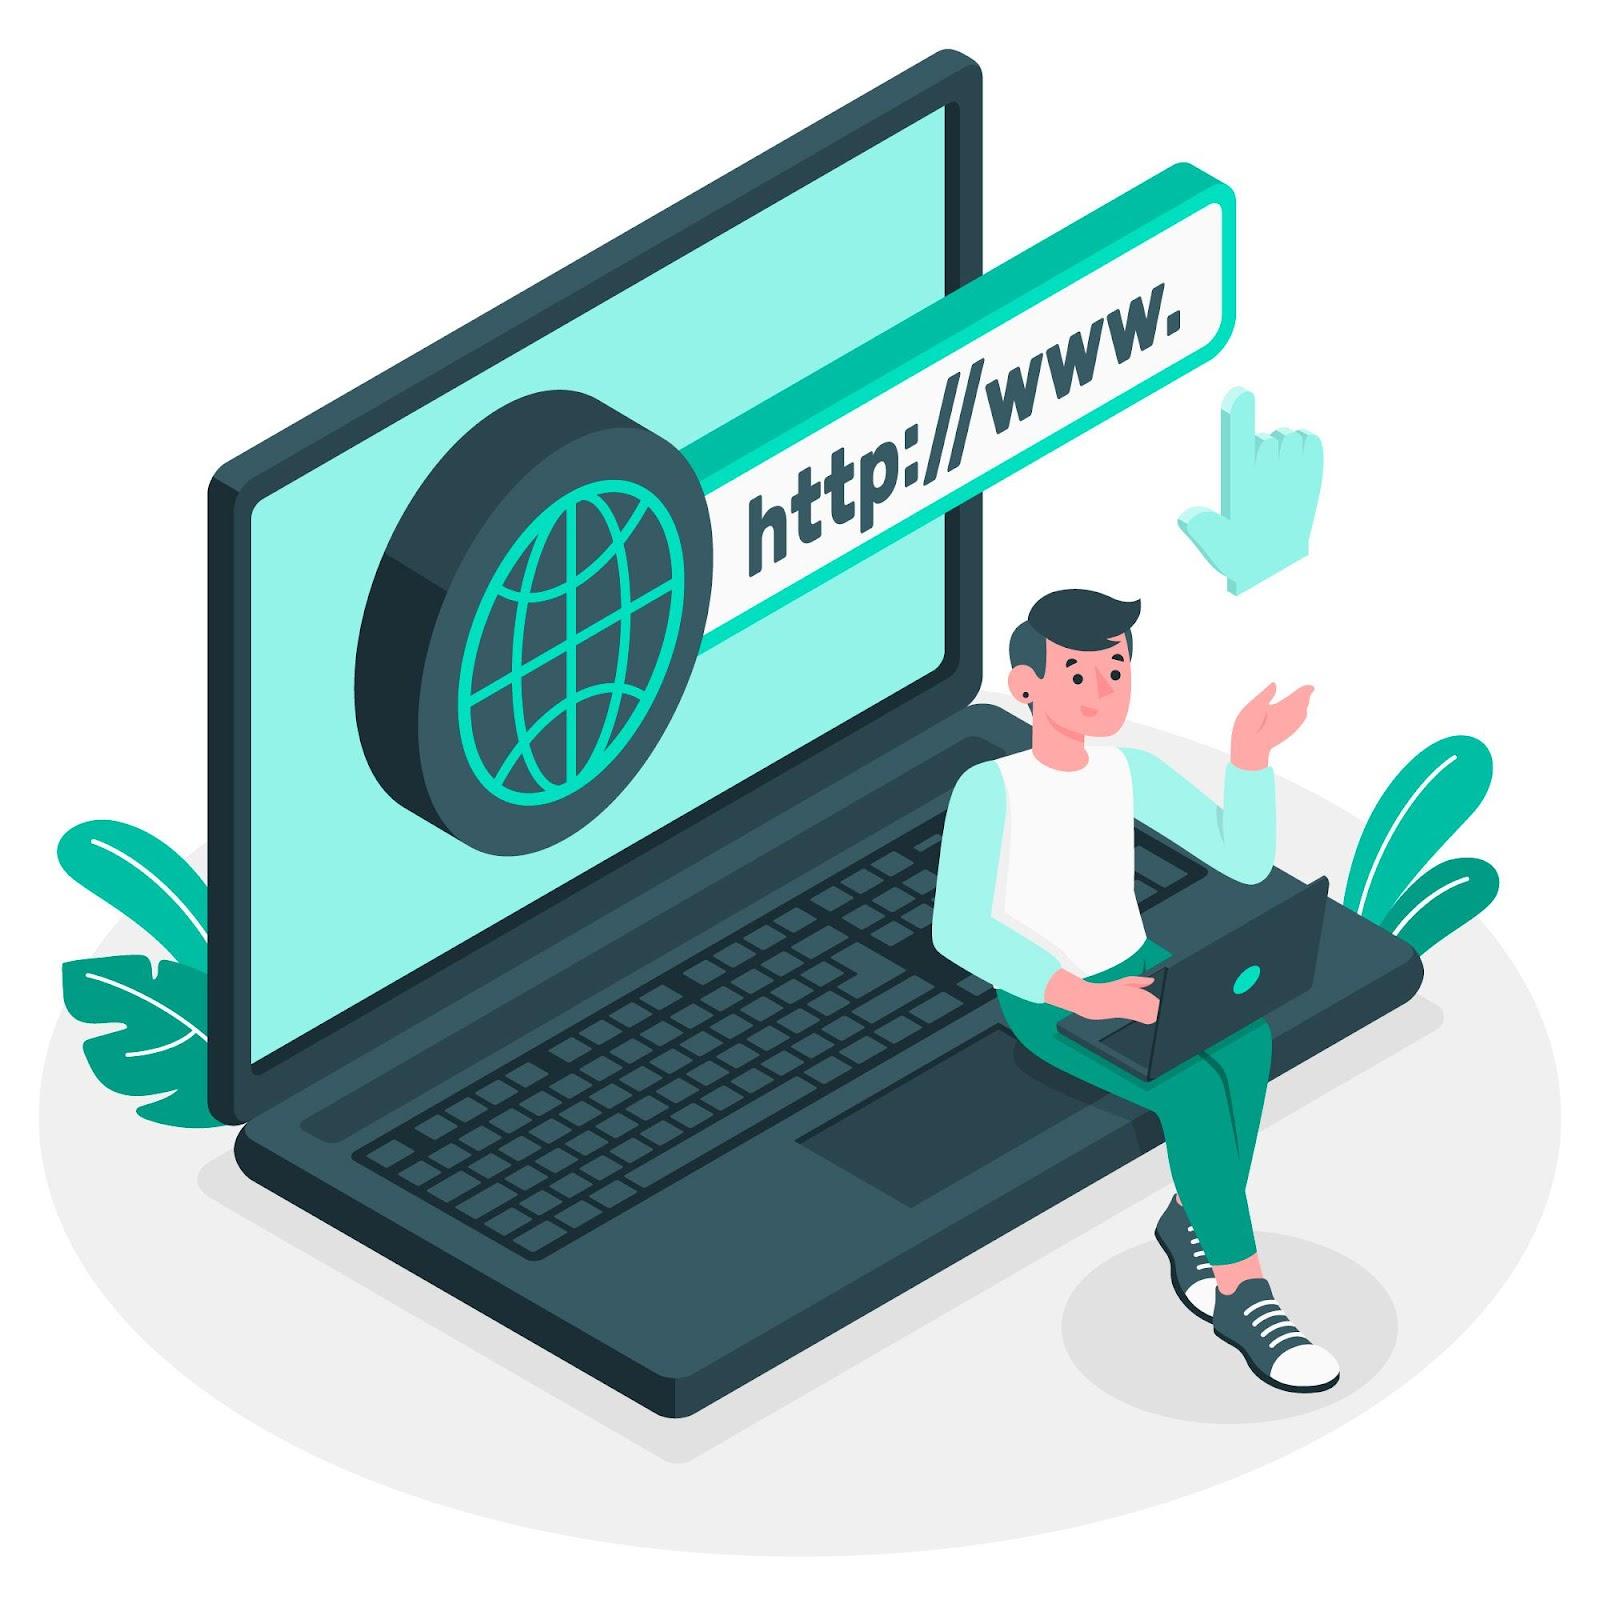 tính năng ưu tiên luồng dữ liệu của http/2